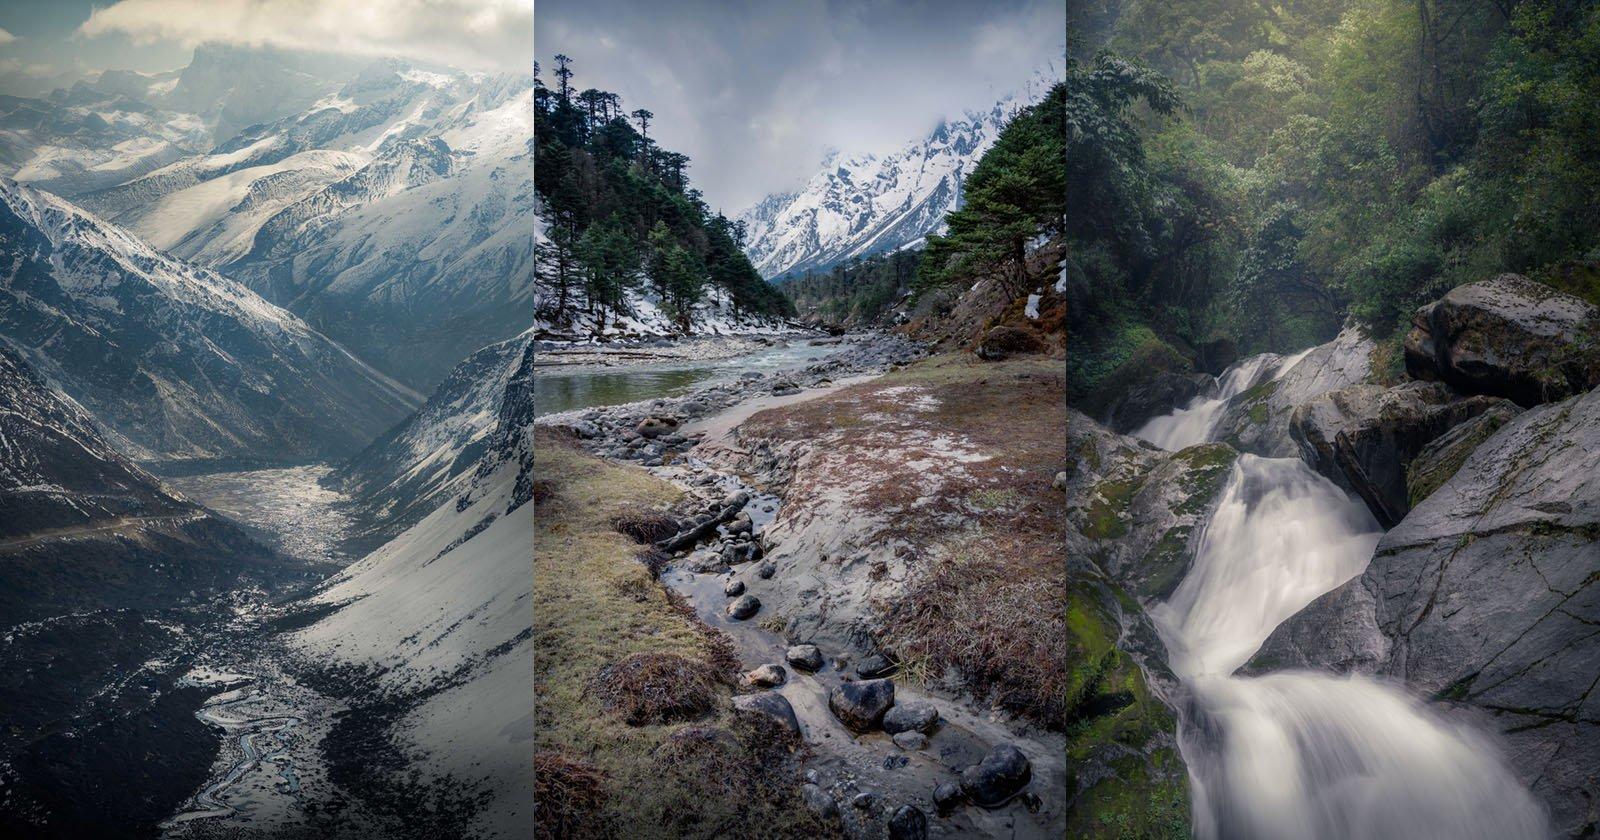 Caccia al paesaggio a 18.000 piedi: foto del nord Sikkim, India